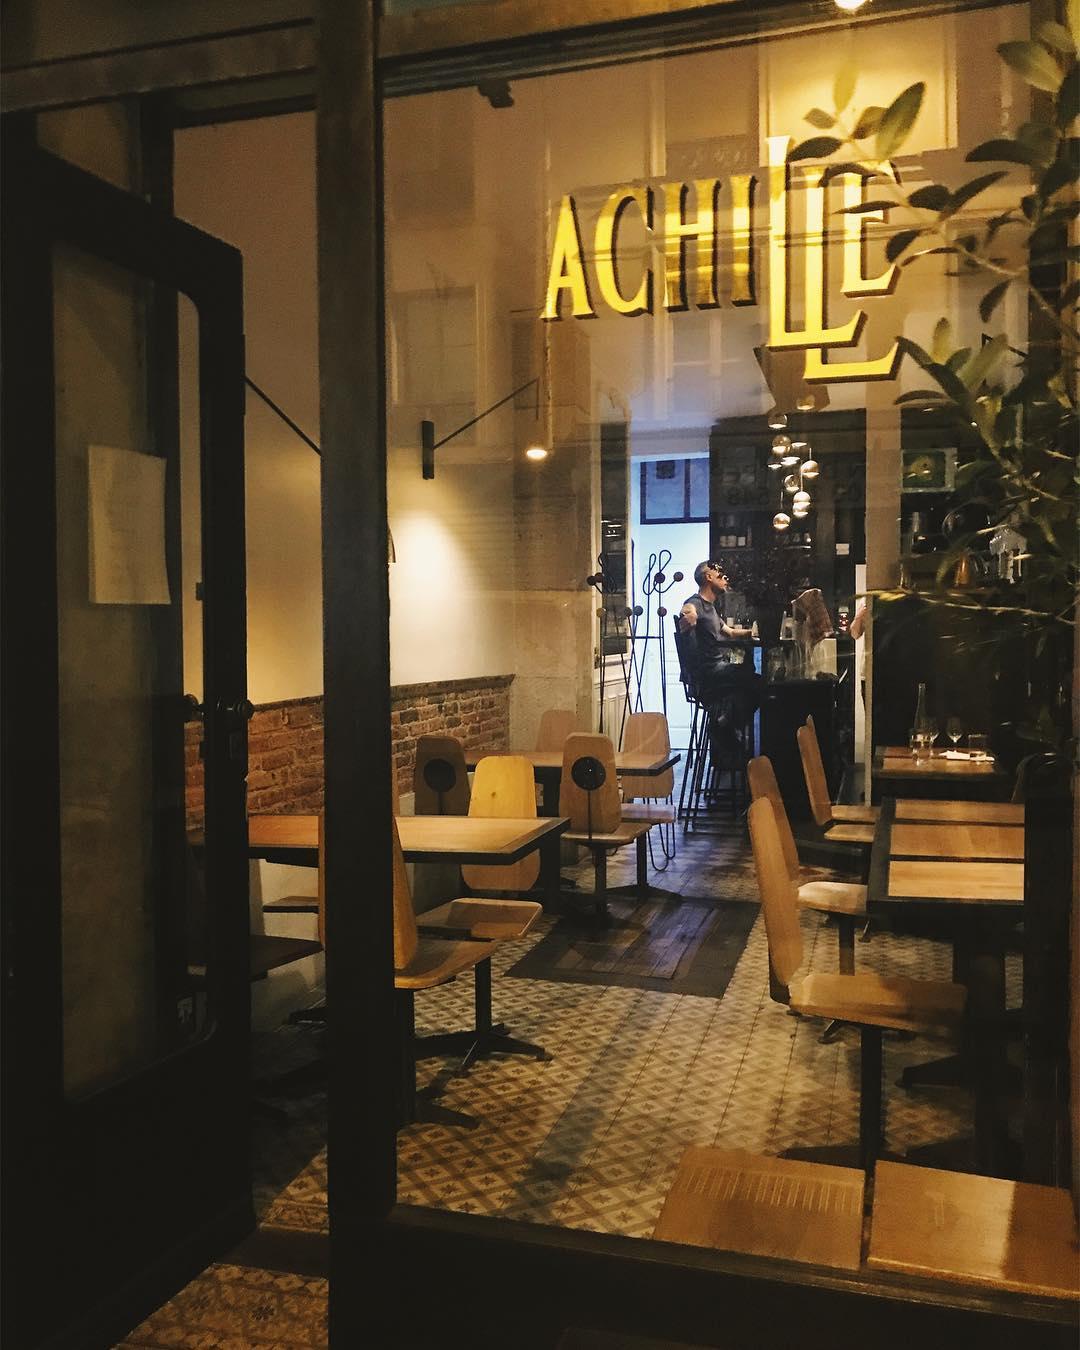 Achille Restaurant